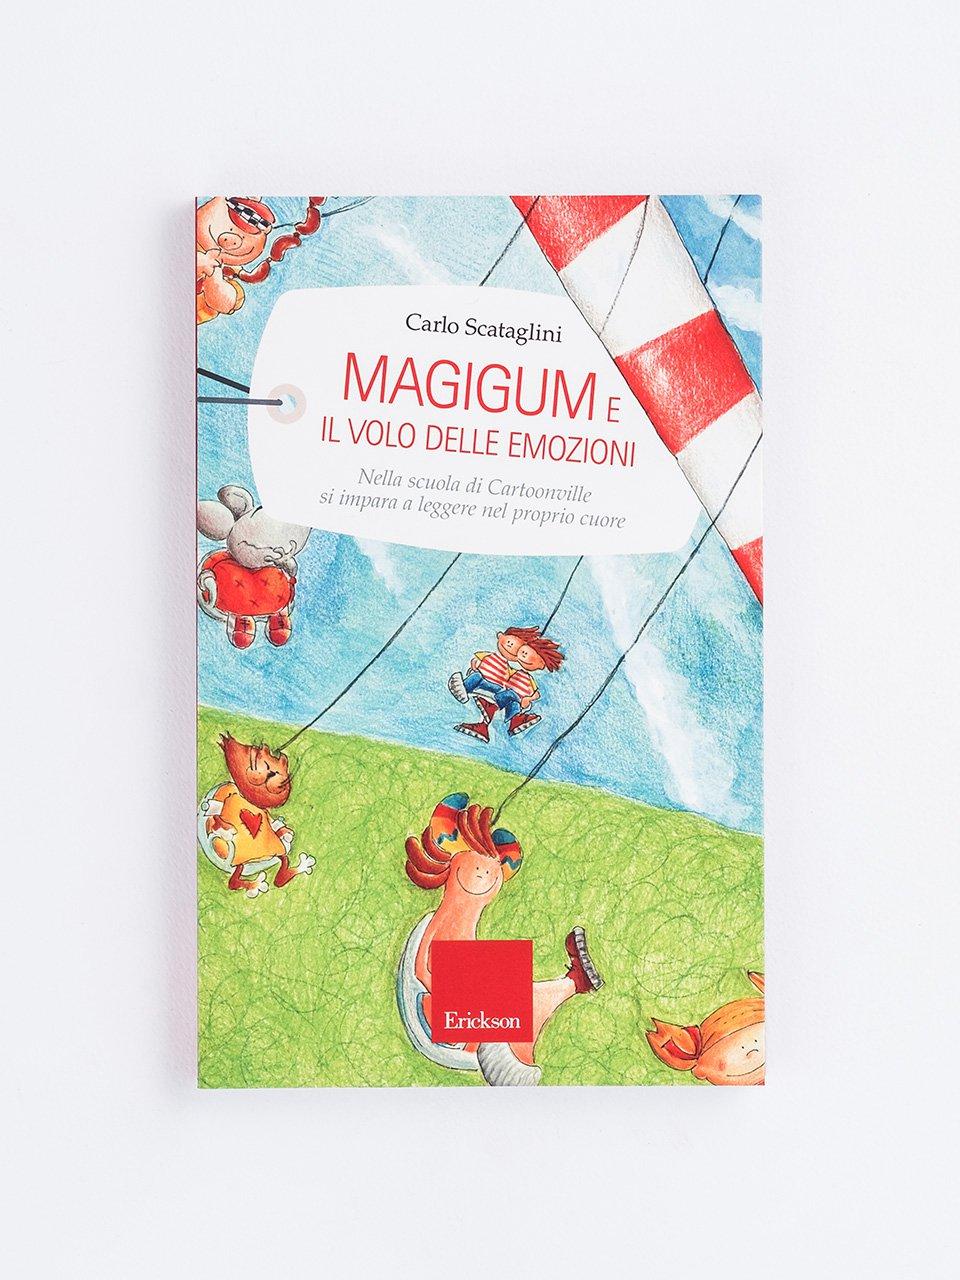 Magigum e il volo delle emozioni - Raccontare storie aiuta i bambini - Libri - Erickson